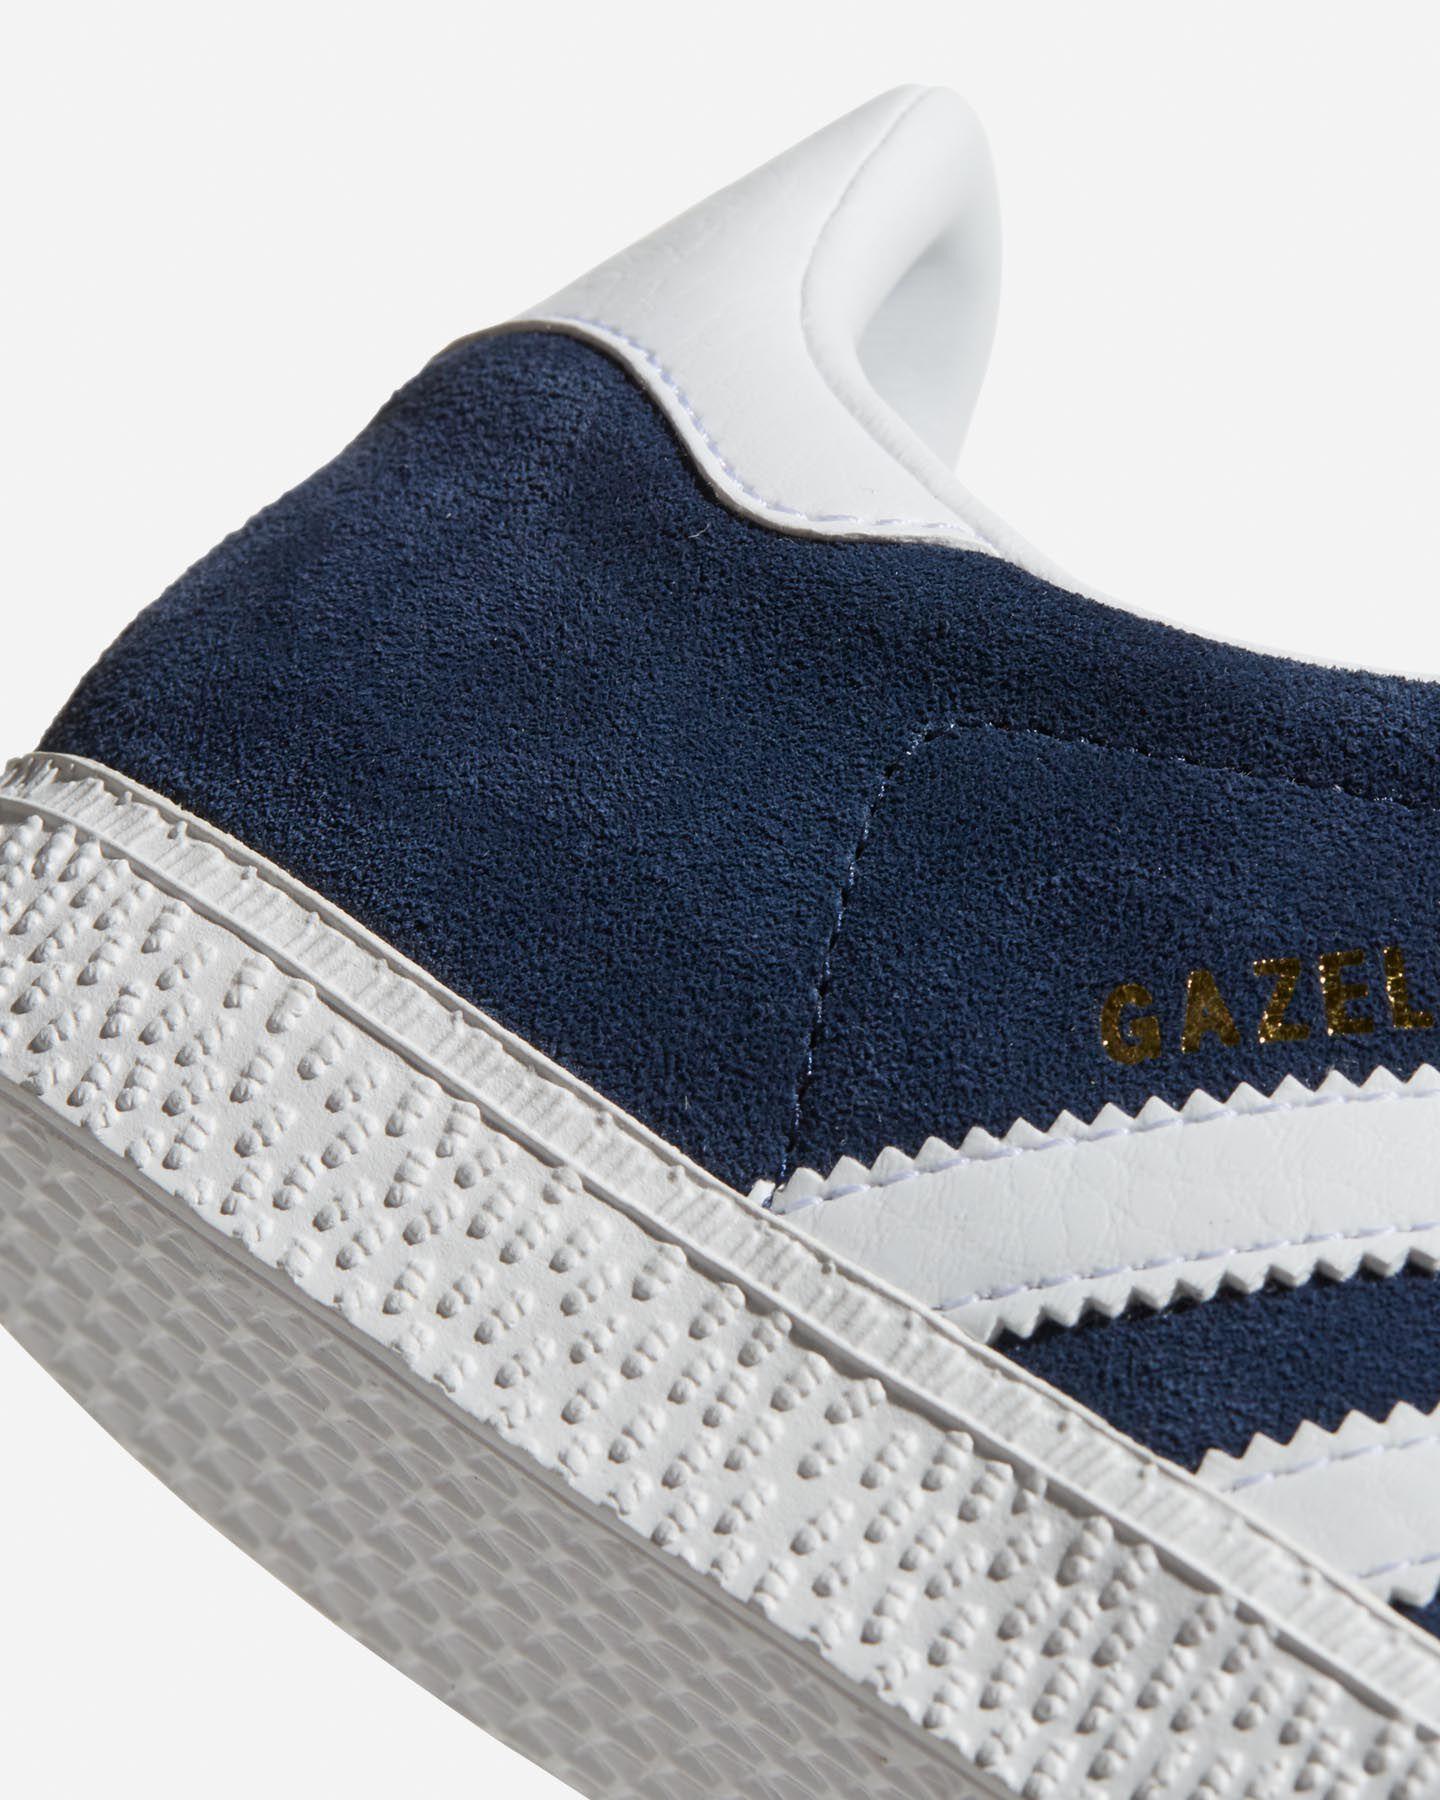 Scarpe sneakers ADIDAS GAZELLE JR GS S4046770|CONAVY/FTW|3 scatto 4